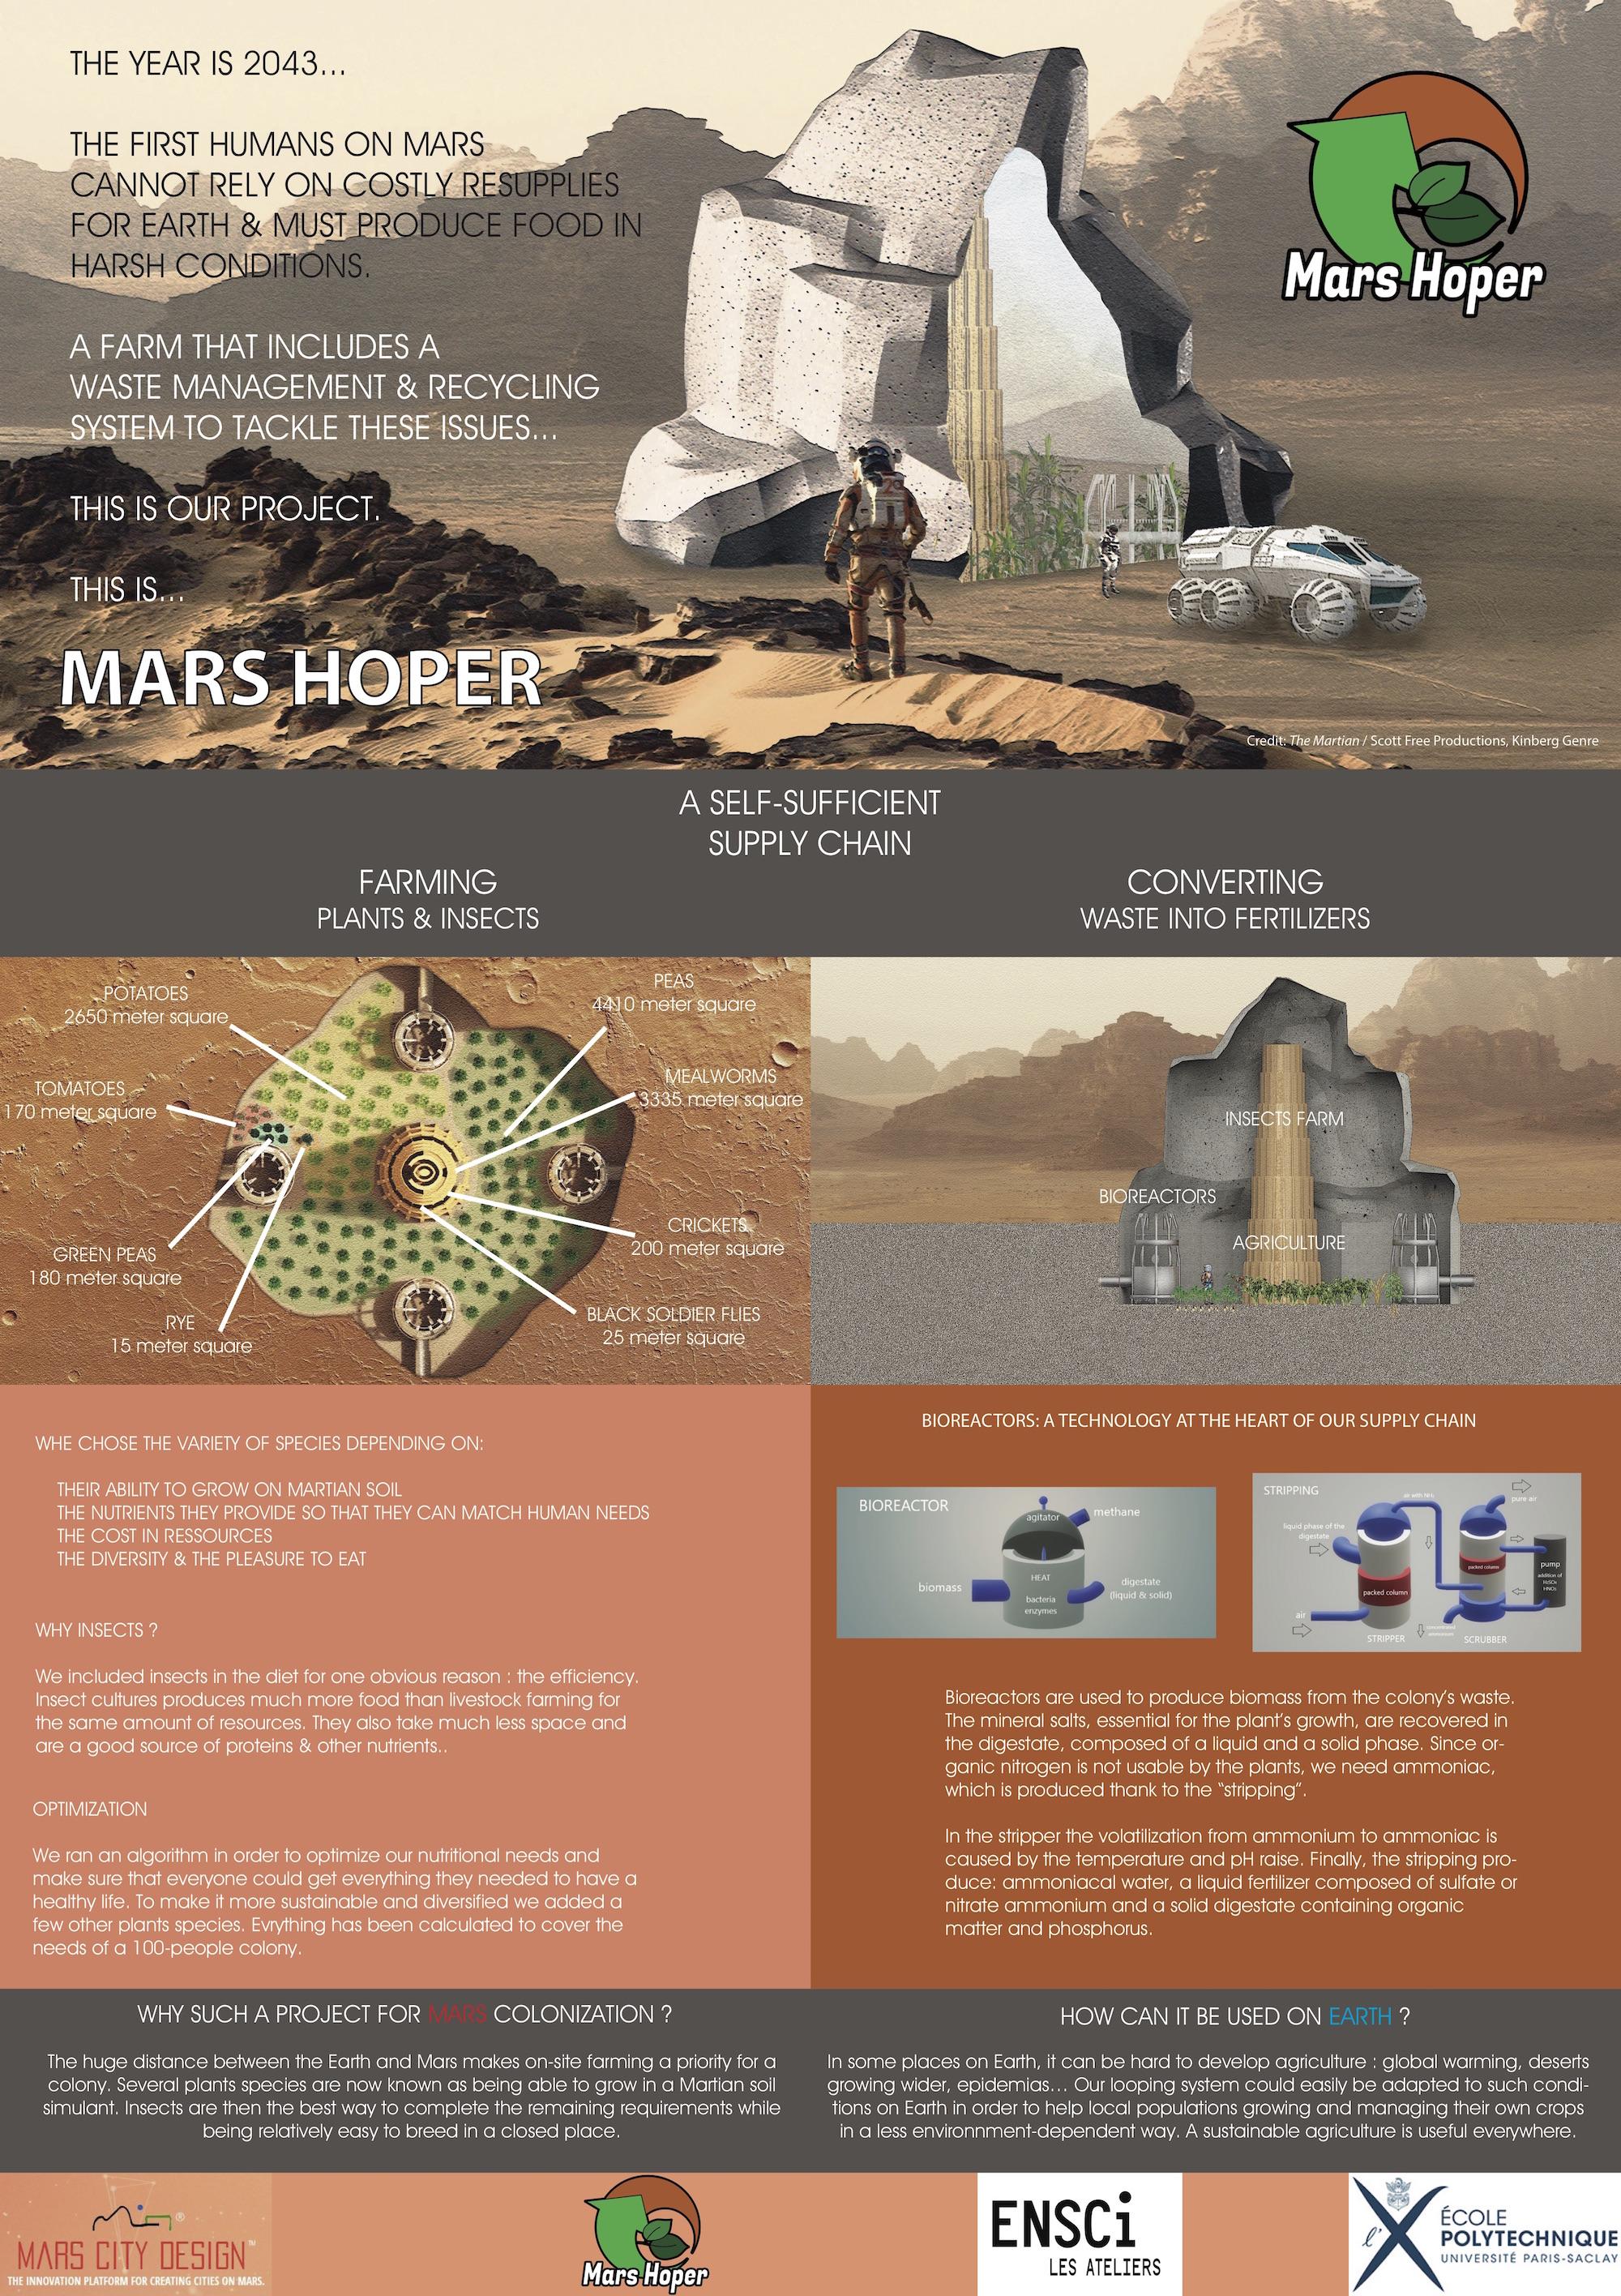 MARS HOPER